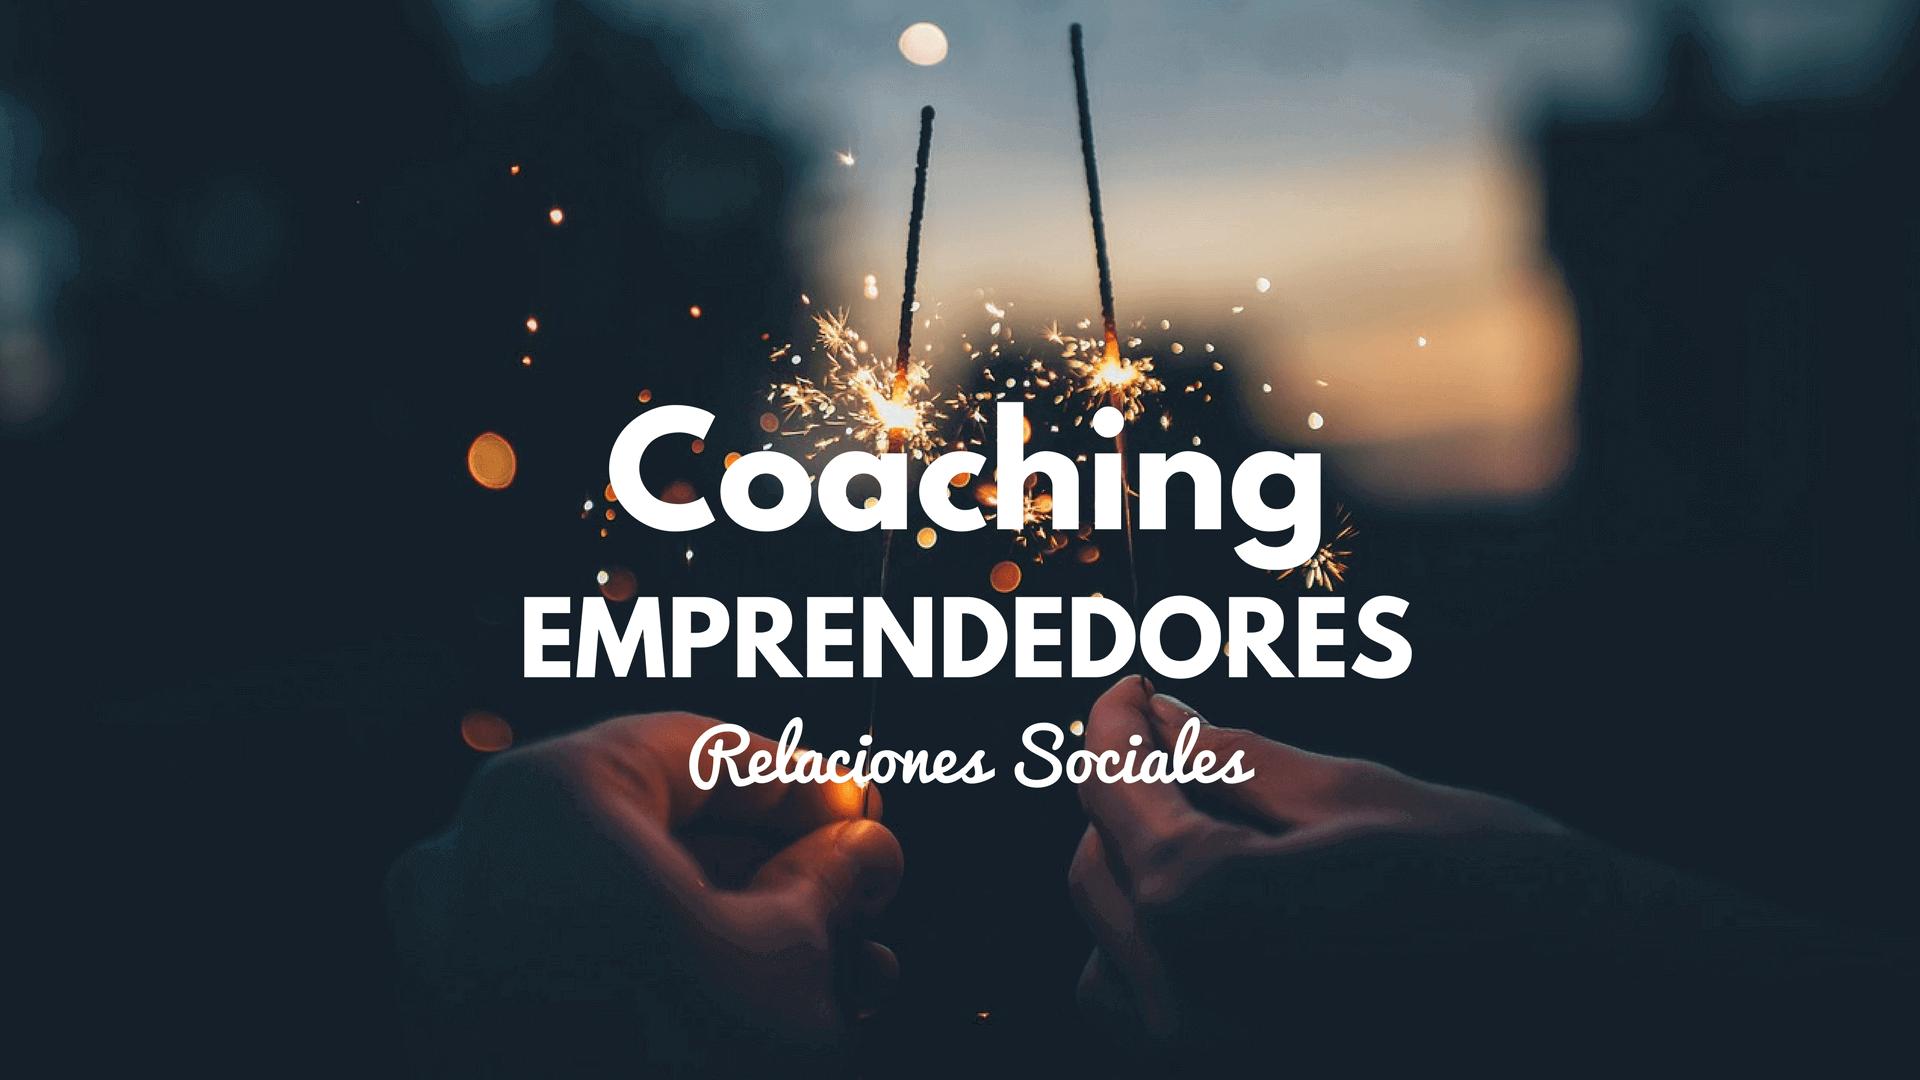 Coaching para emprendedores (VII): ¿Cómo fomento las relaciones sociales positivas?